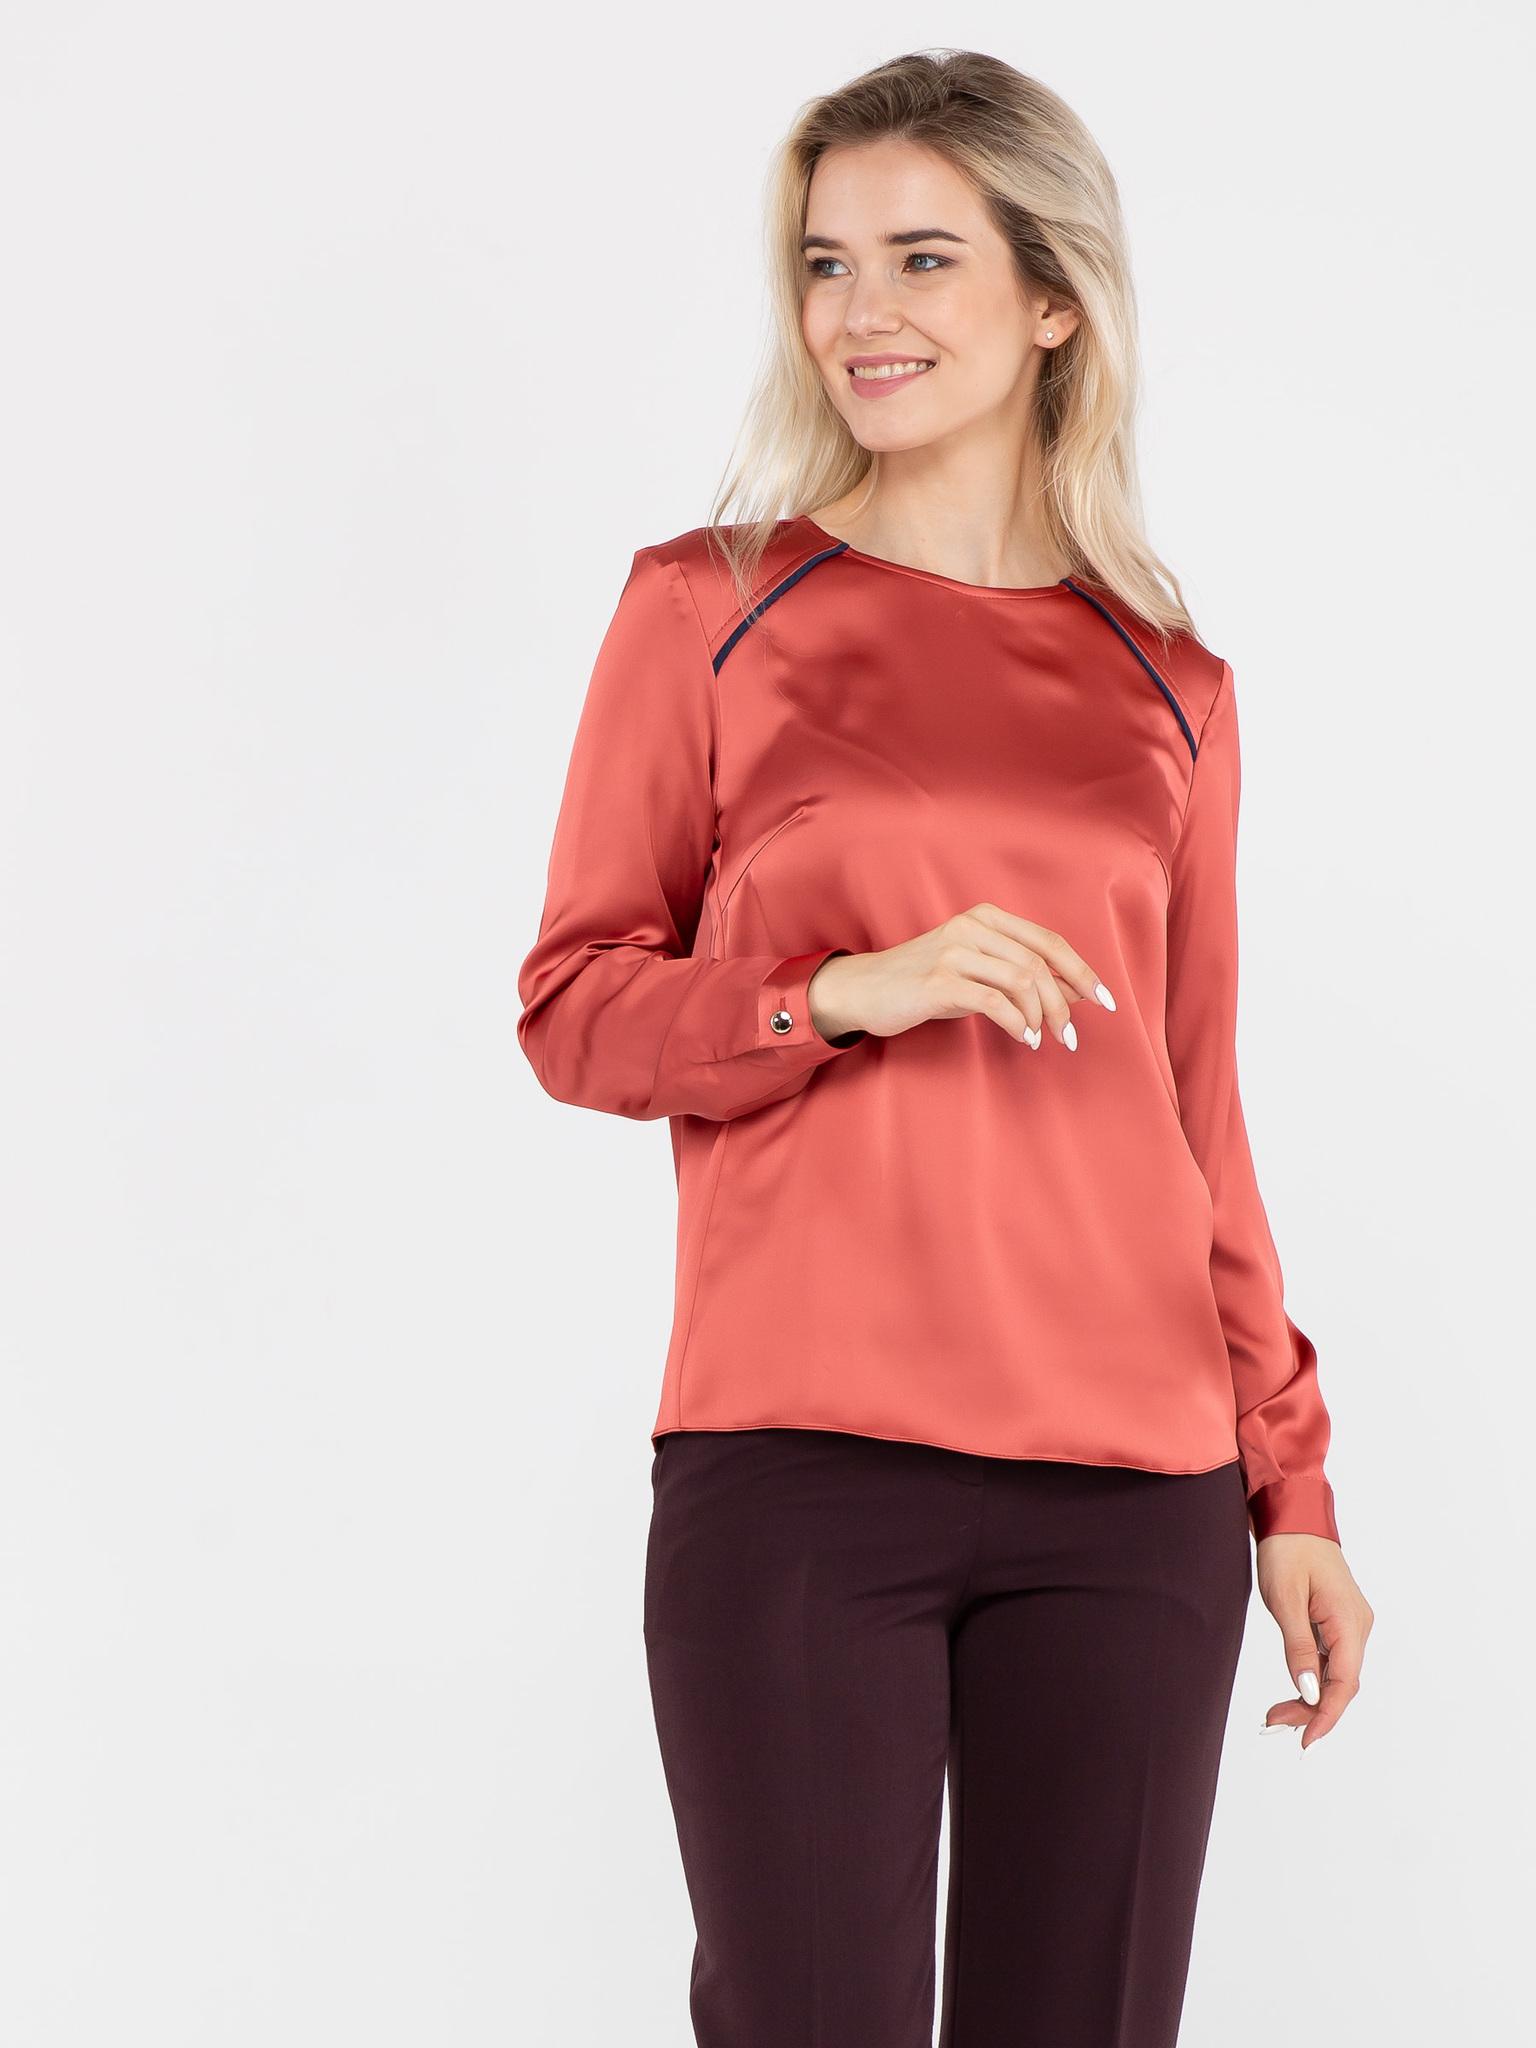 Блуза Г566-158 - Атласная блуза прямого силуэта с длинным рукавом. Манжеты на рукавах и плечевые кокетки обработаны контрастной рельефной тканью. Можно носить как на выпуск, так и заправлять в юбку или брюки. С этой моделью легко создать элегантный вечерний или  деловой, для работы, образ.